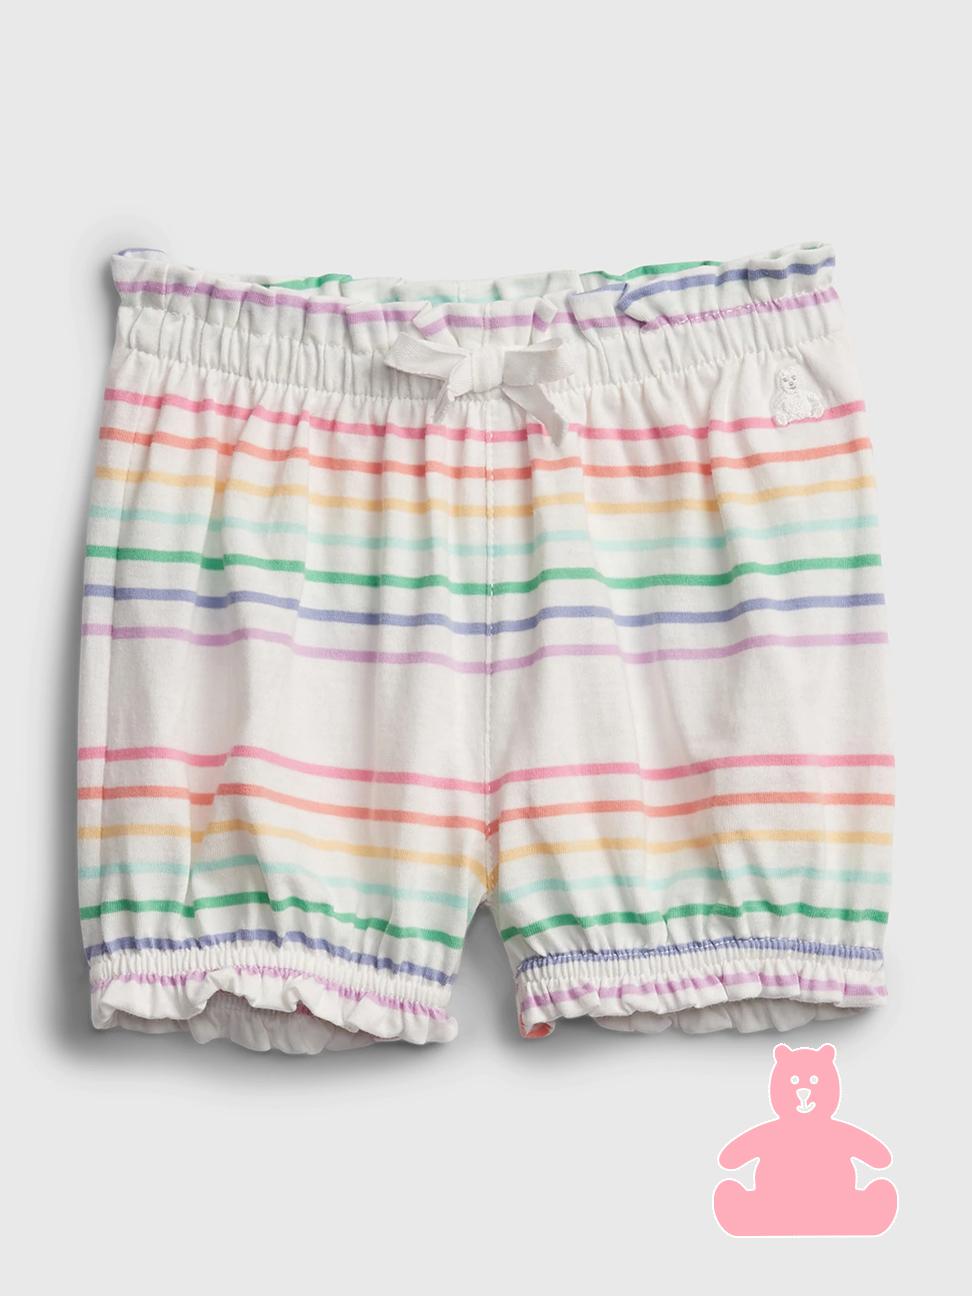 嬰兒 布萊納系列 甜美印花純棉鬆緊短褲